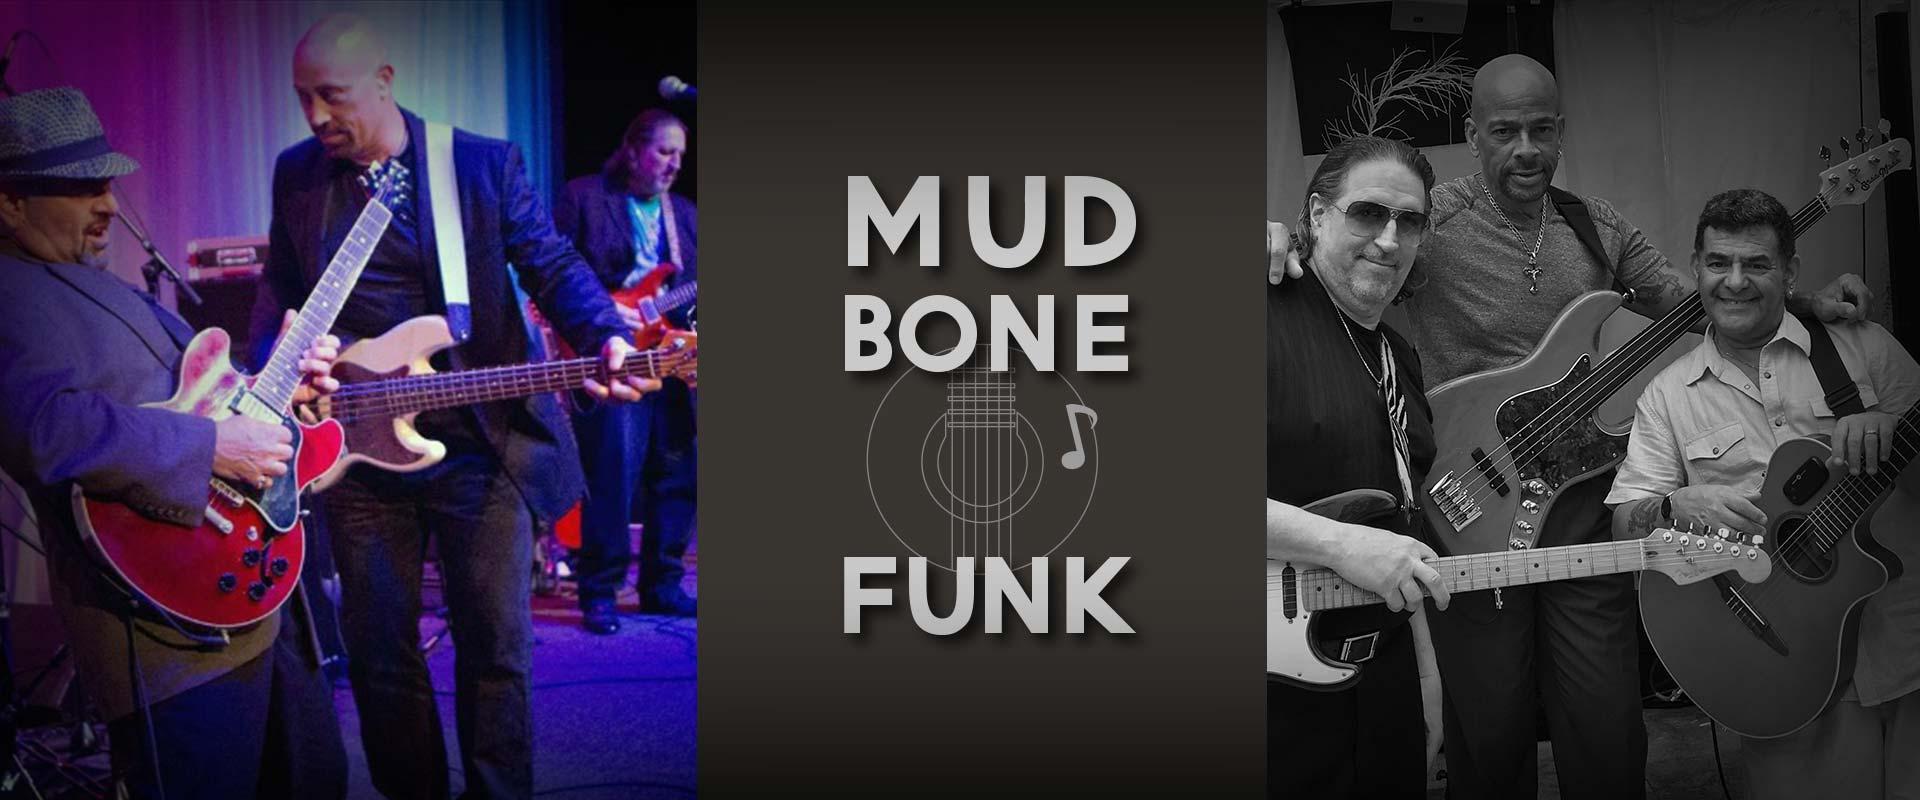 continental restaurant music mudbone